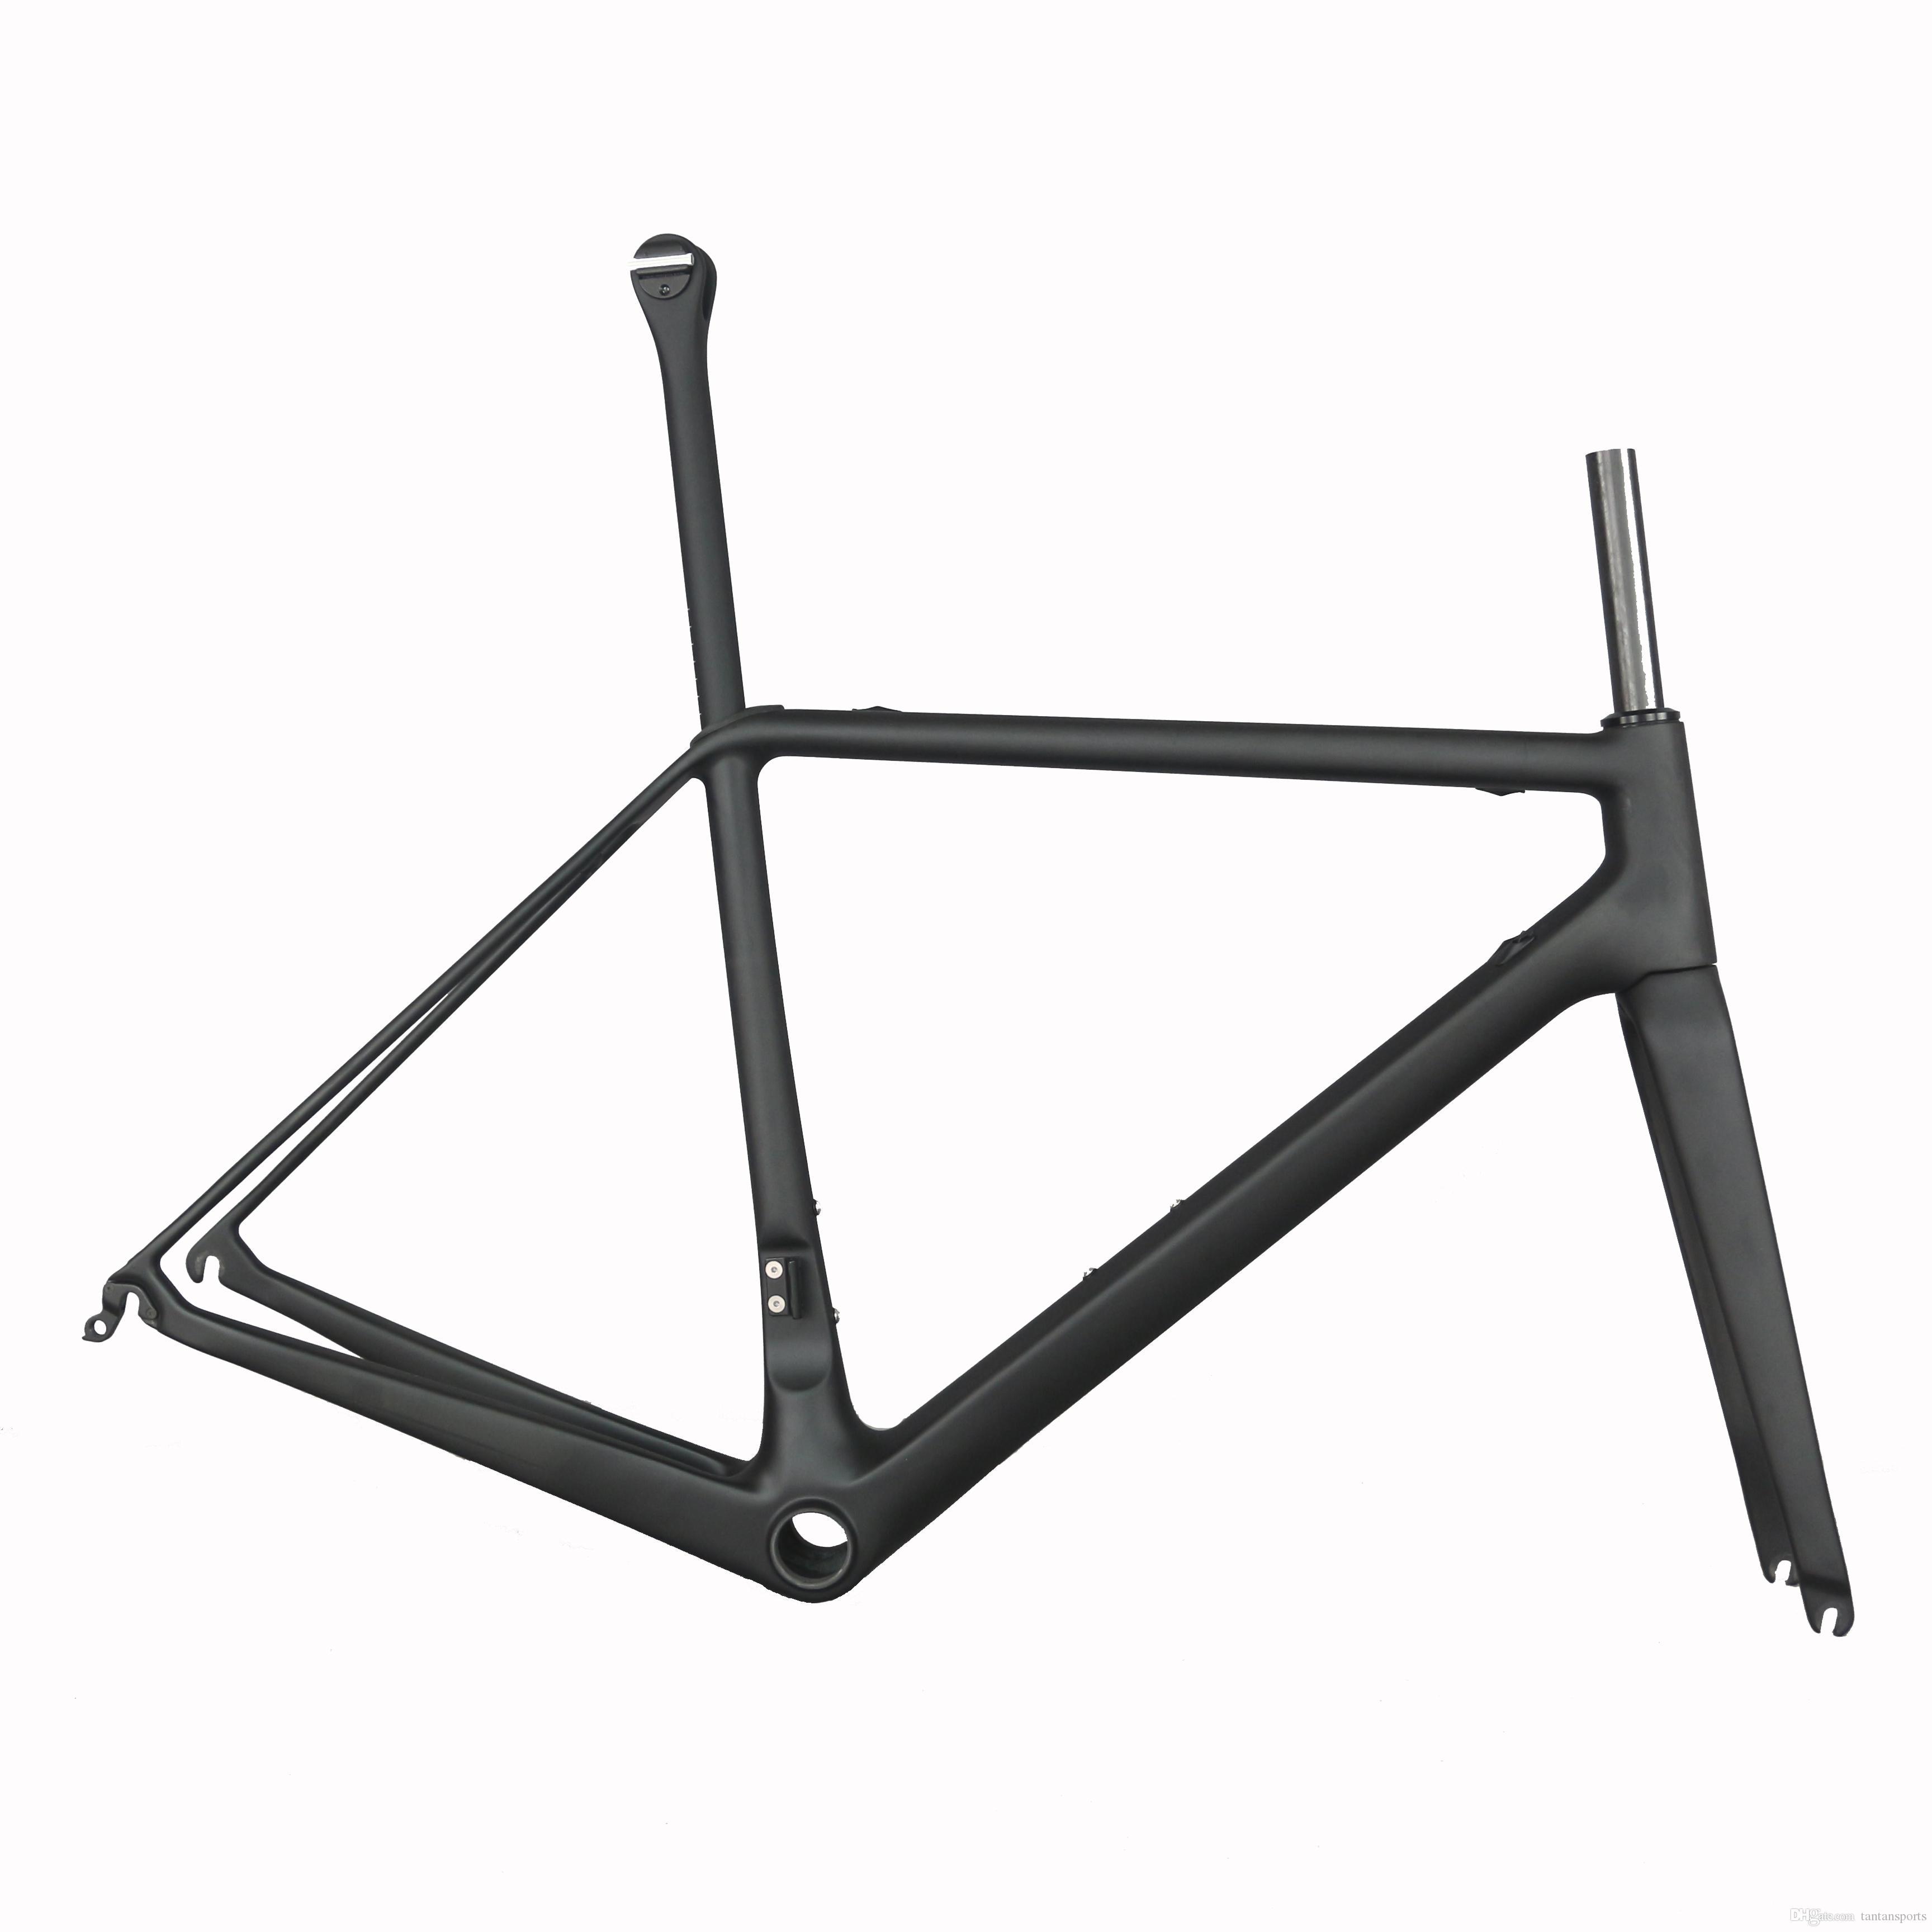 2019 SERAPH nouveau cadre de vélo en carbone super léger T1000 Cadre de test SGS pour vélo FM609